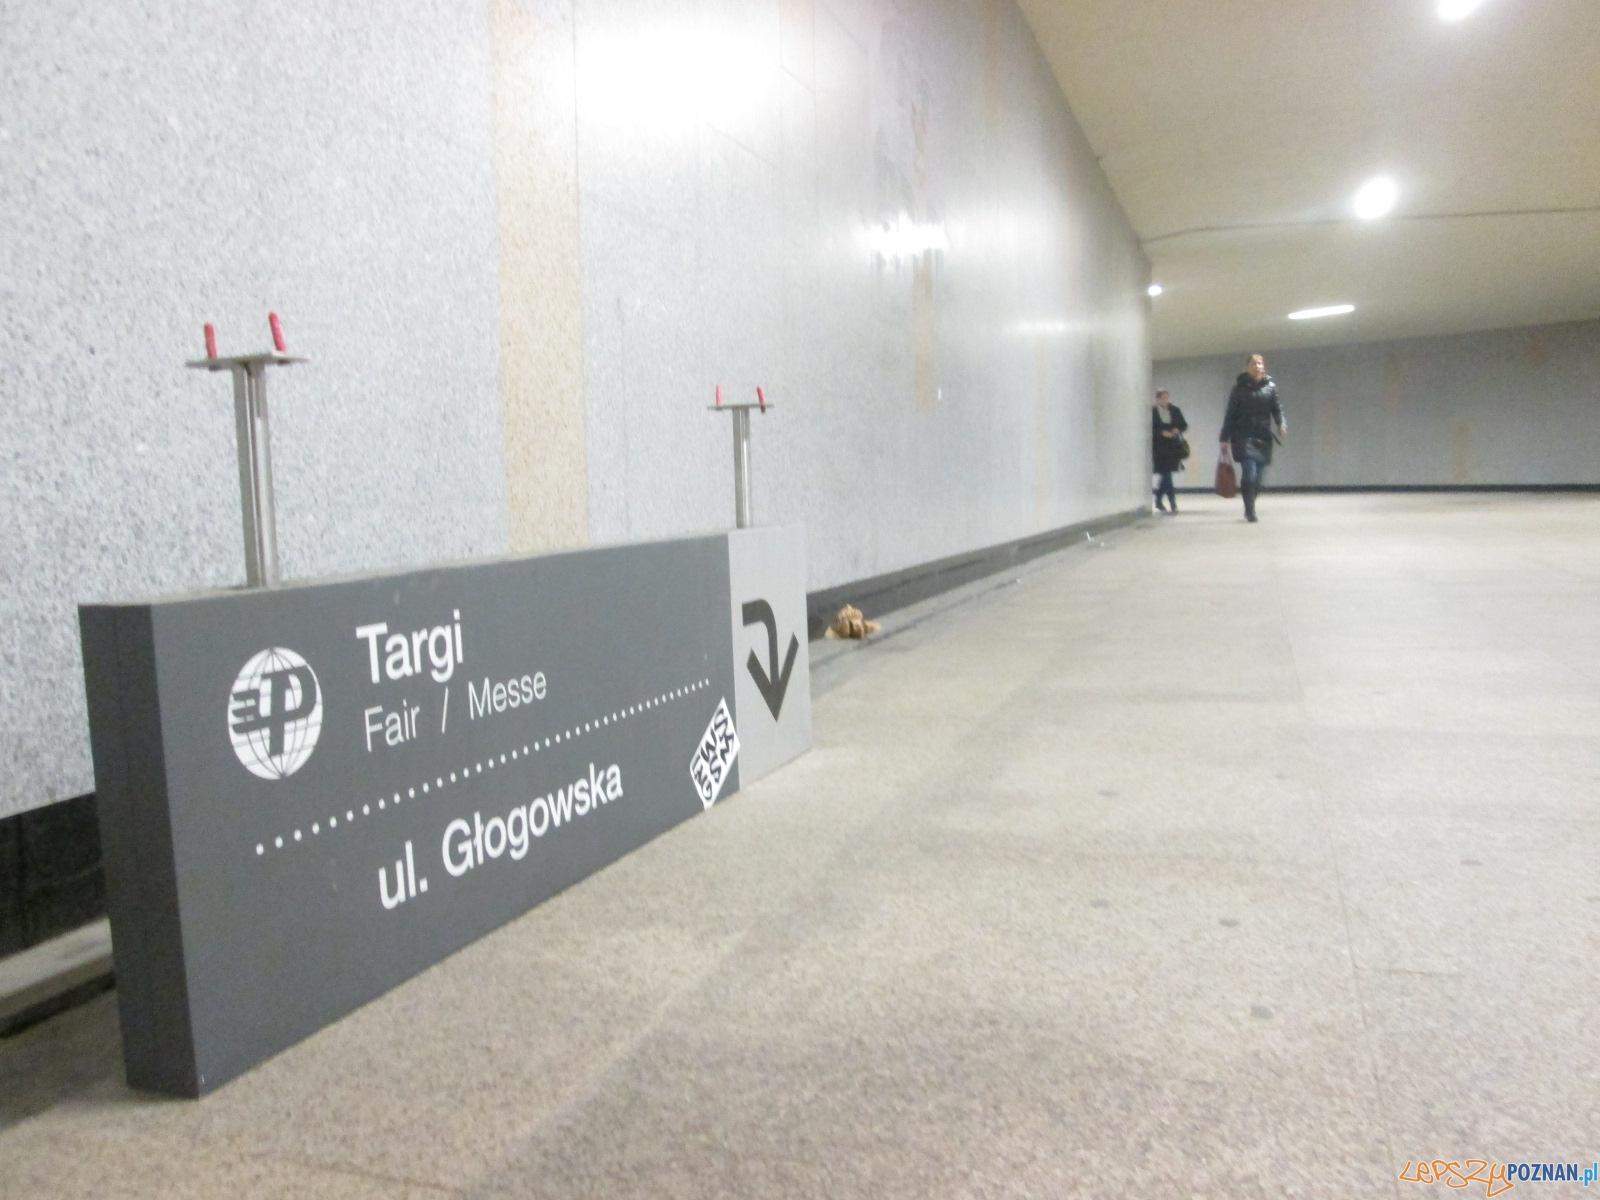 Zerwana tablica w przejściu podziemnym  Foto: Nishio